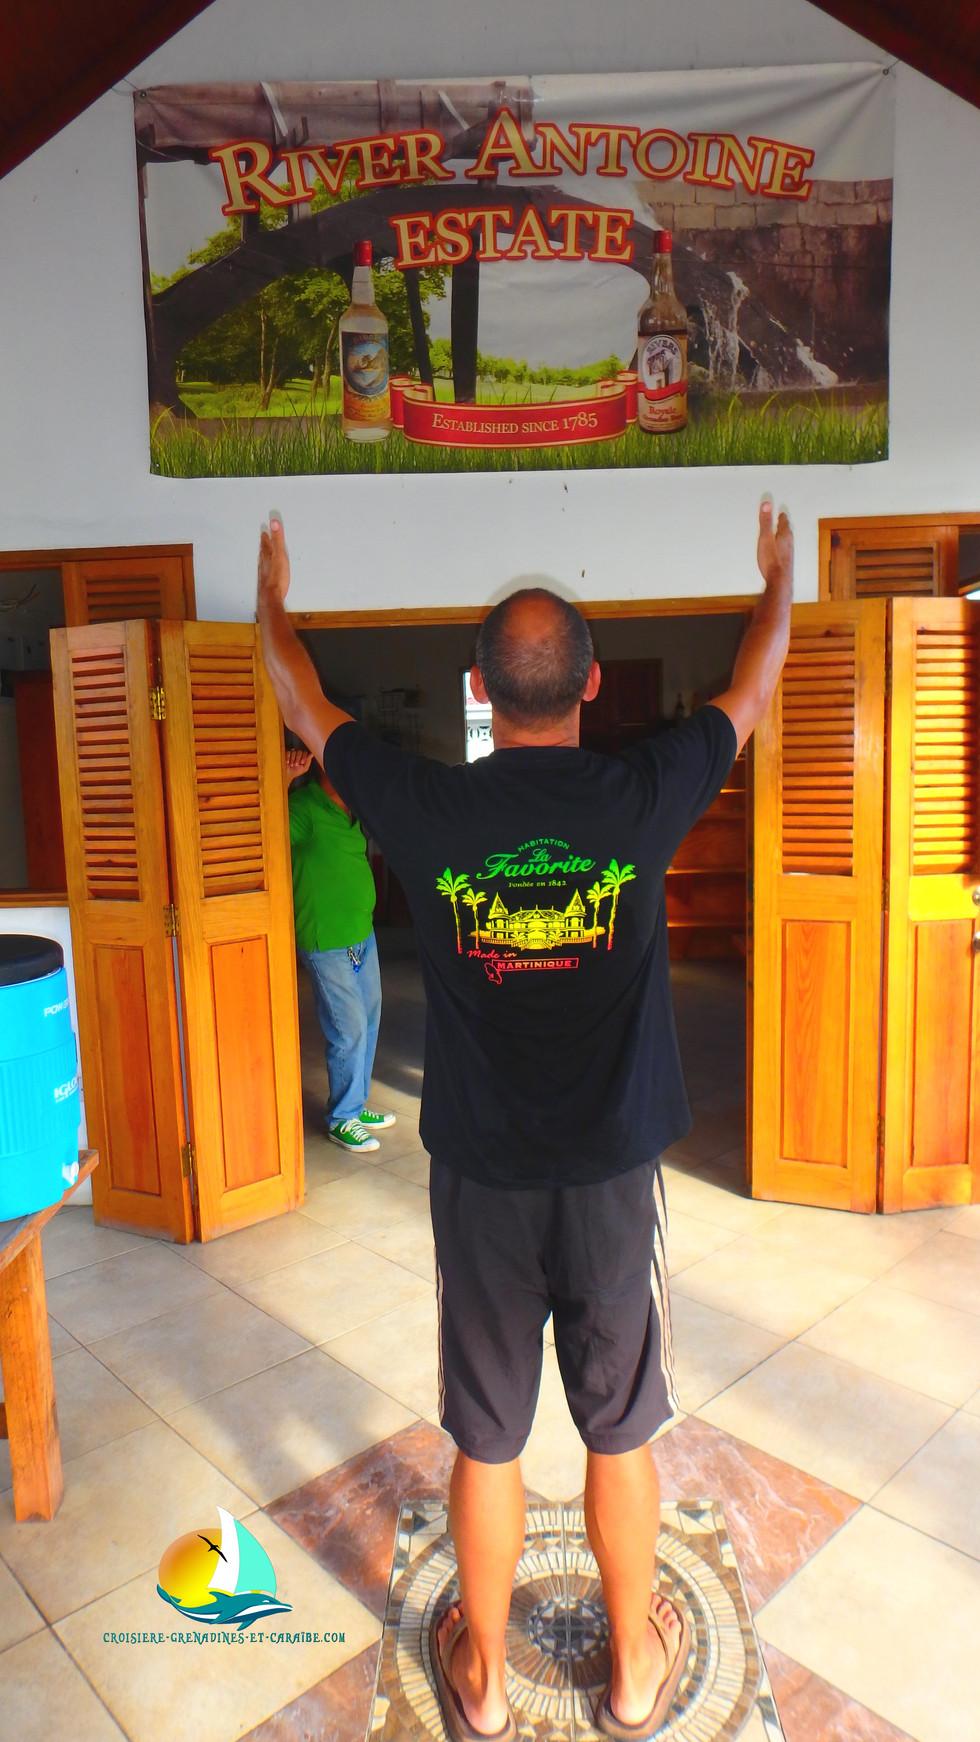 Distillerie River Antoine, rhum Grenade, Croisiere Grenadines, rhum Grenade